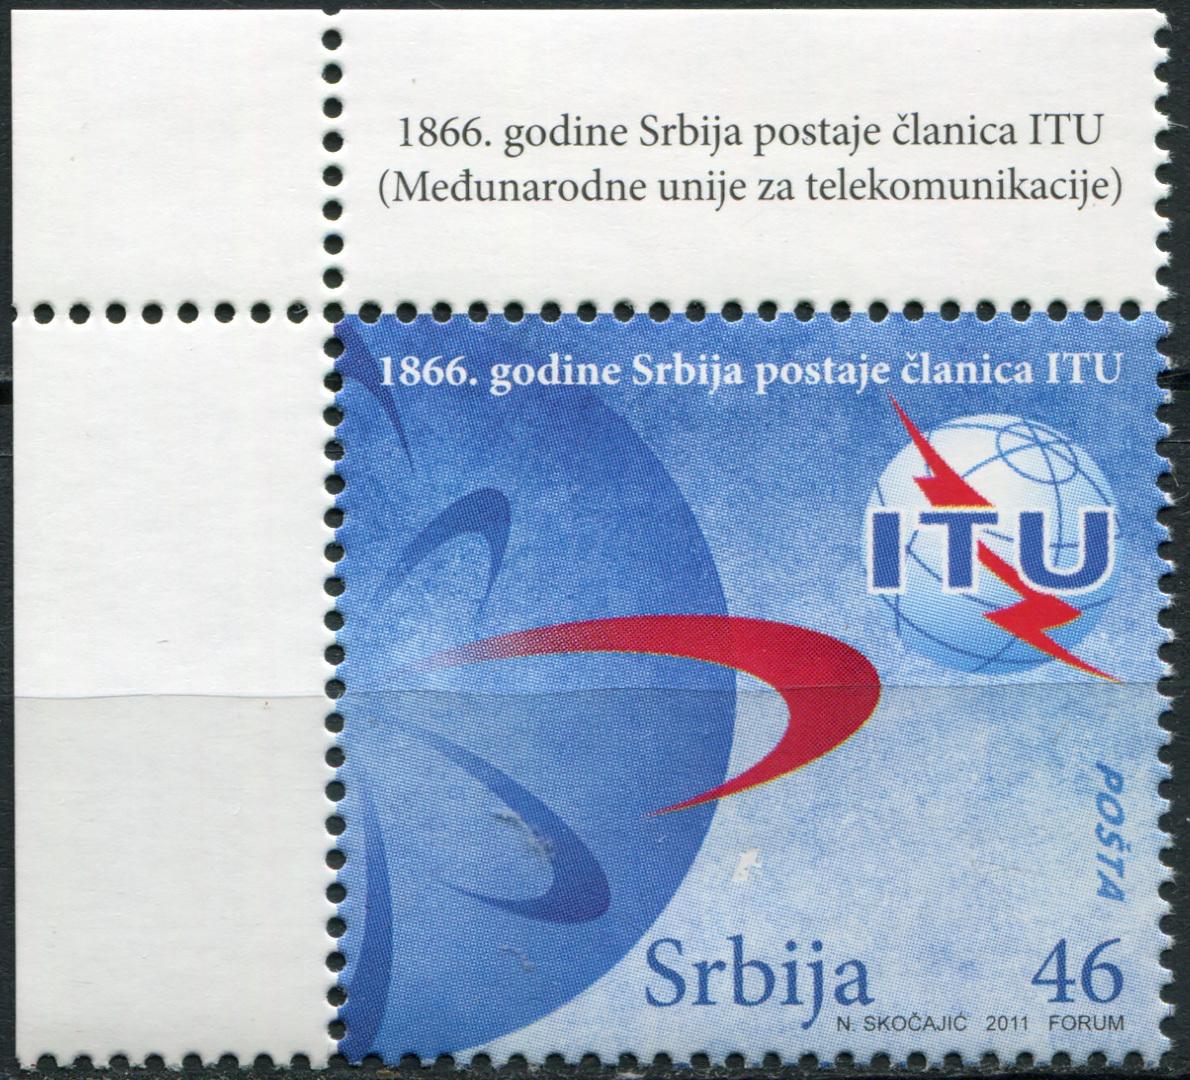 Сербия 2011. 145 лет членству Сербии в Международном союзе связи (ITU) (MNH OG) Почтовая марка